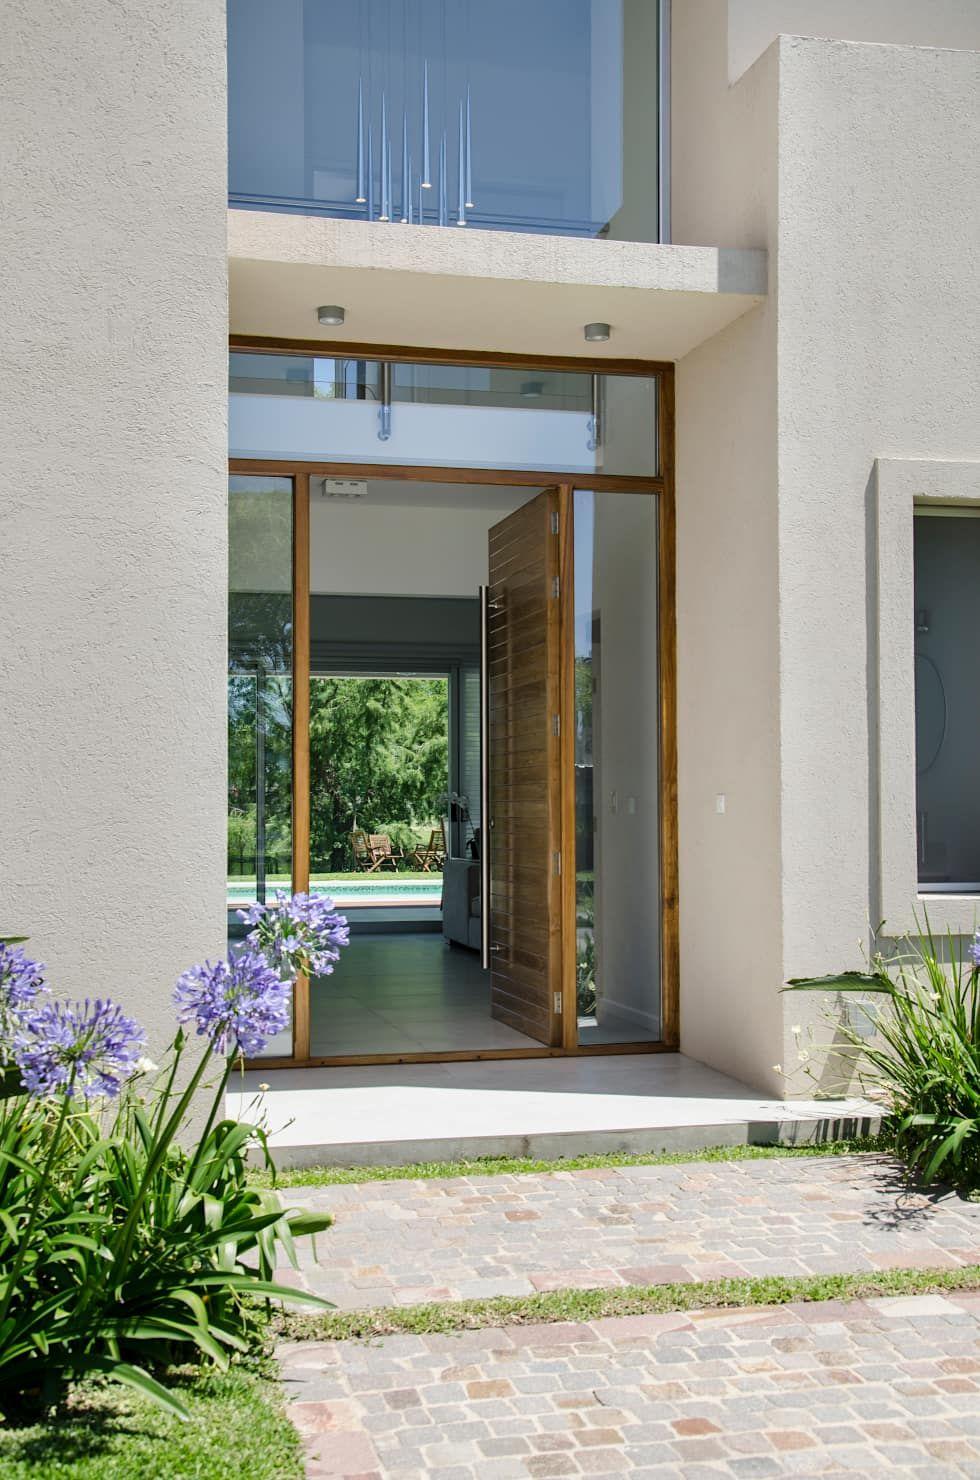 Puerta principal ventanas de estilo por parrado for Puertas de entrada de casas modernas